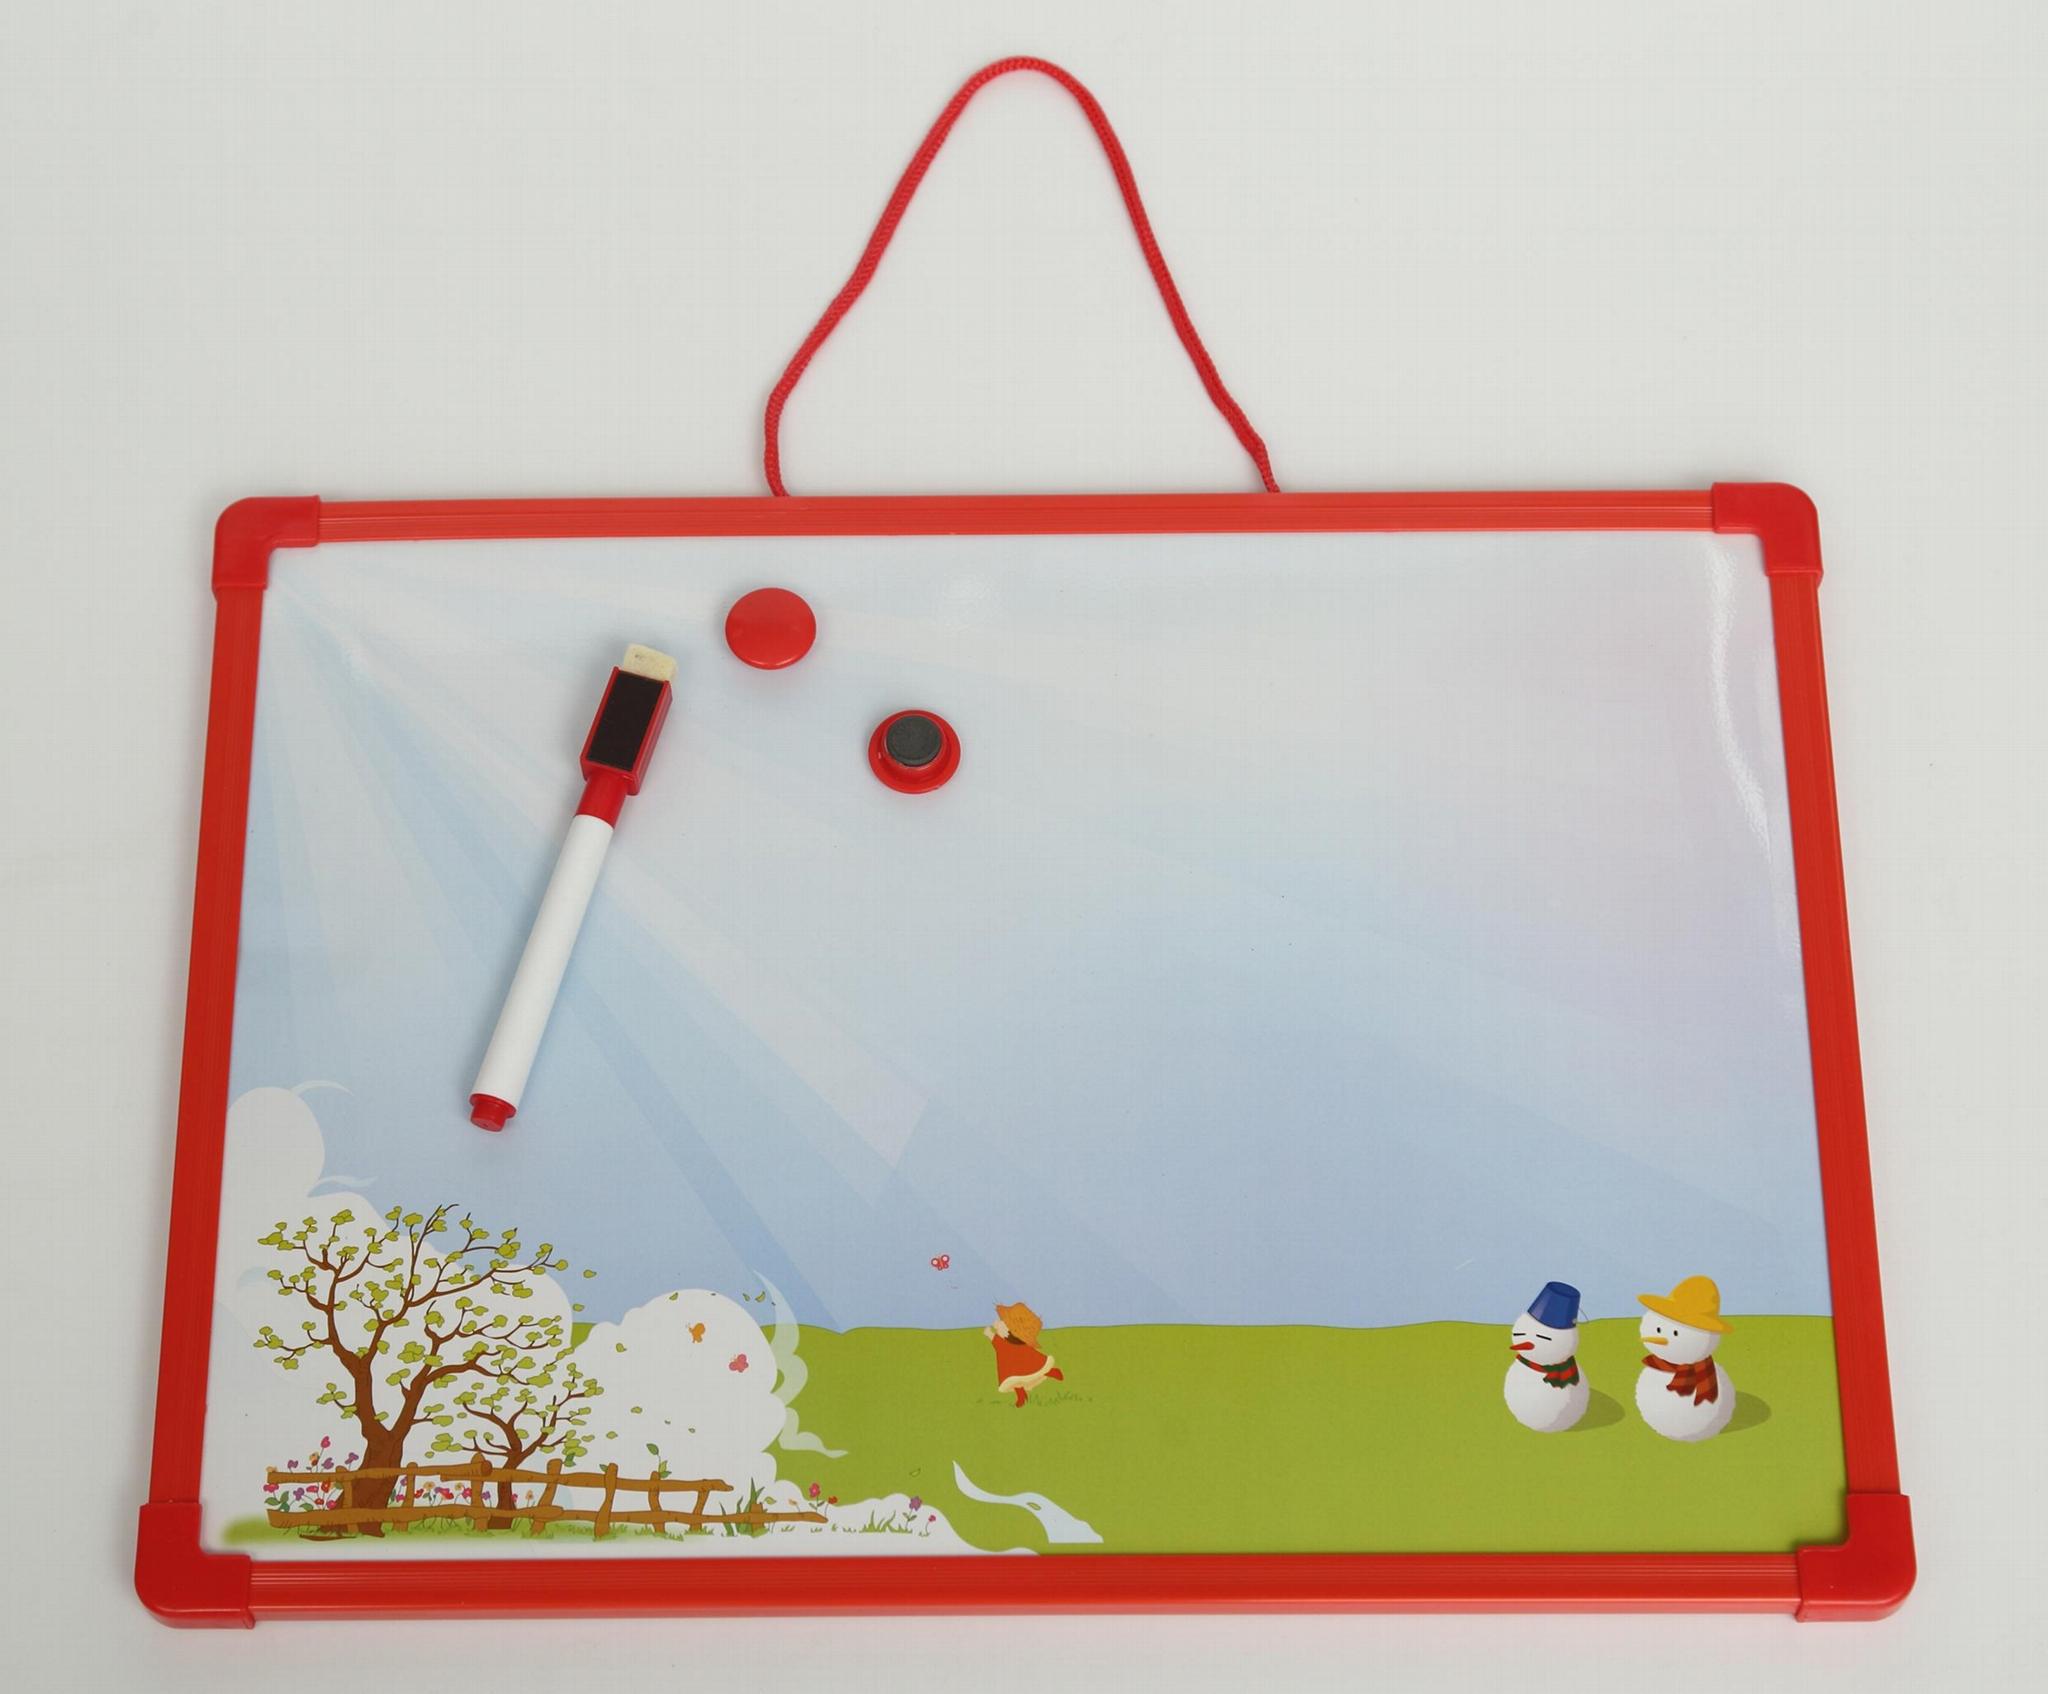 儿童用可愛小白板寫字板 4